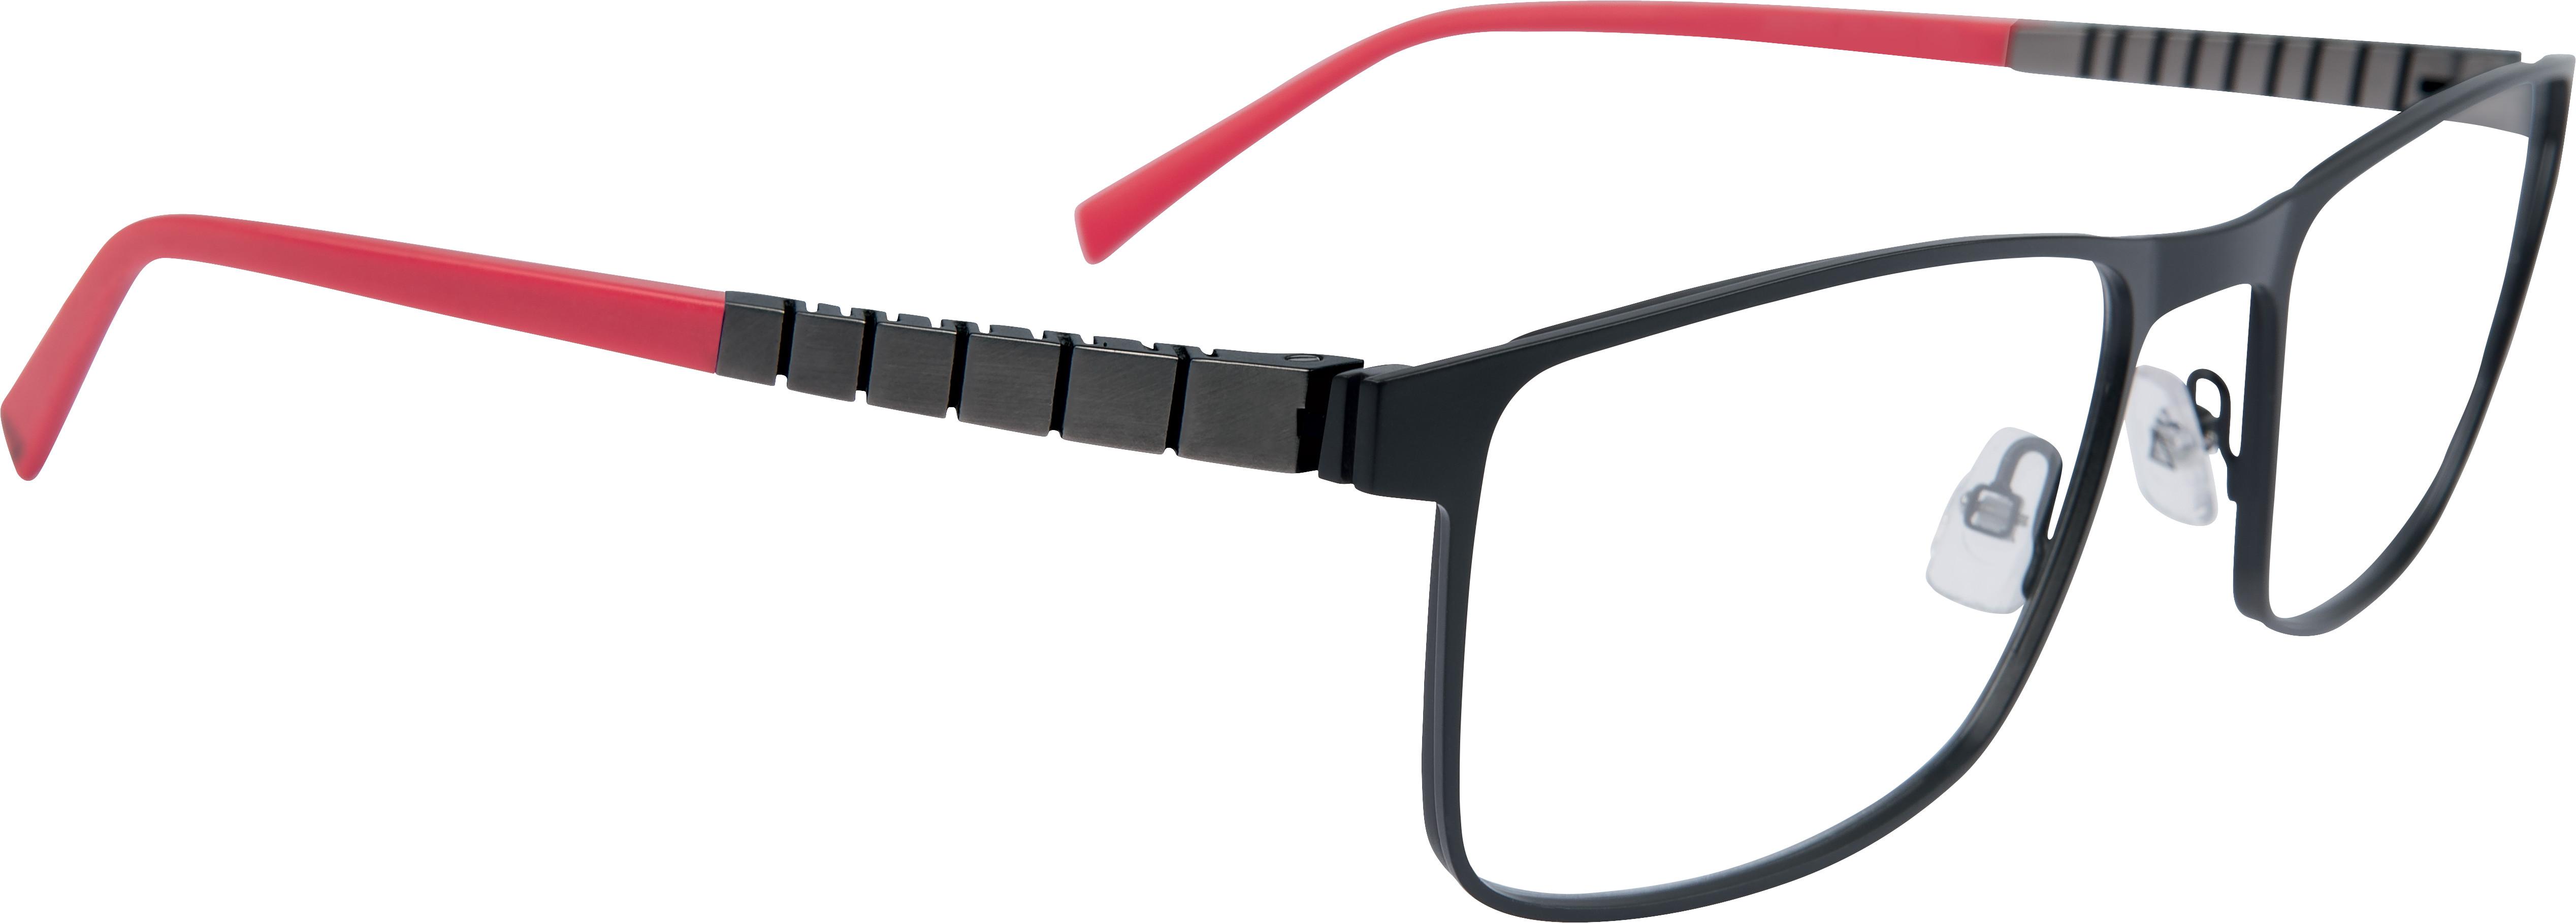 169350bcda6389 Tout savoir sur les montures de lunettes chez OPTIQUE Frécon.